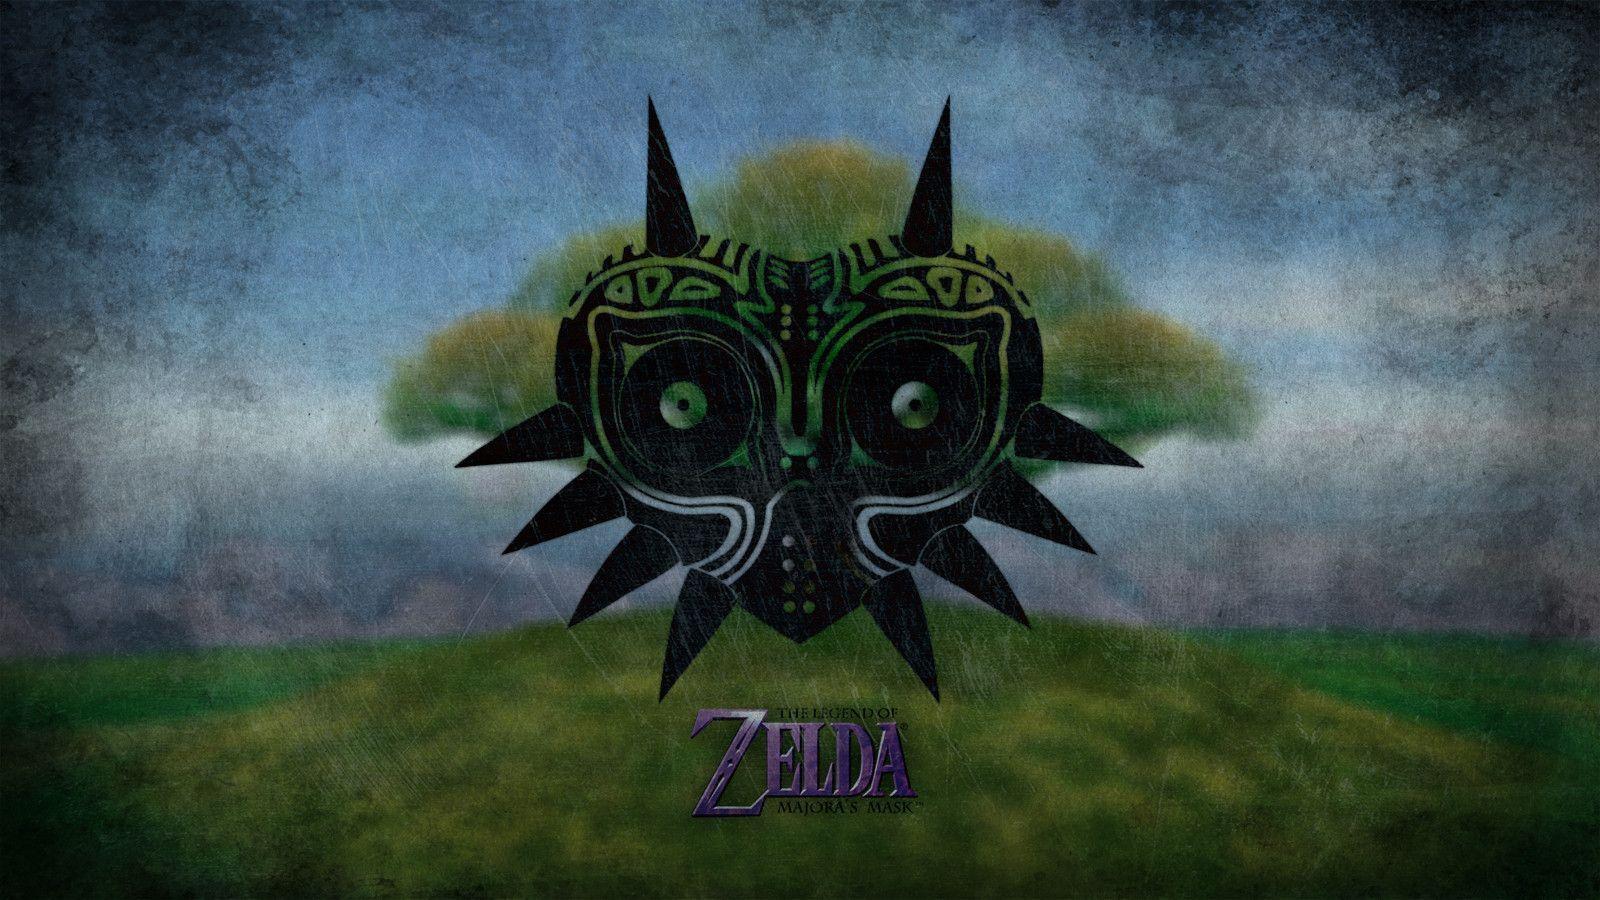 Deviantart More Like Legend Of Zelda Majora S Mask Wallpaper By